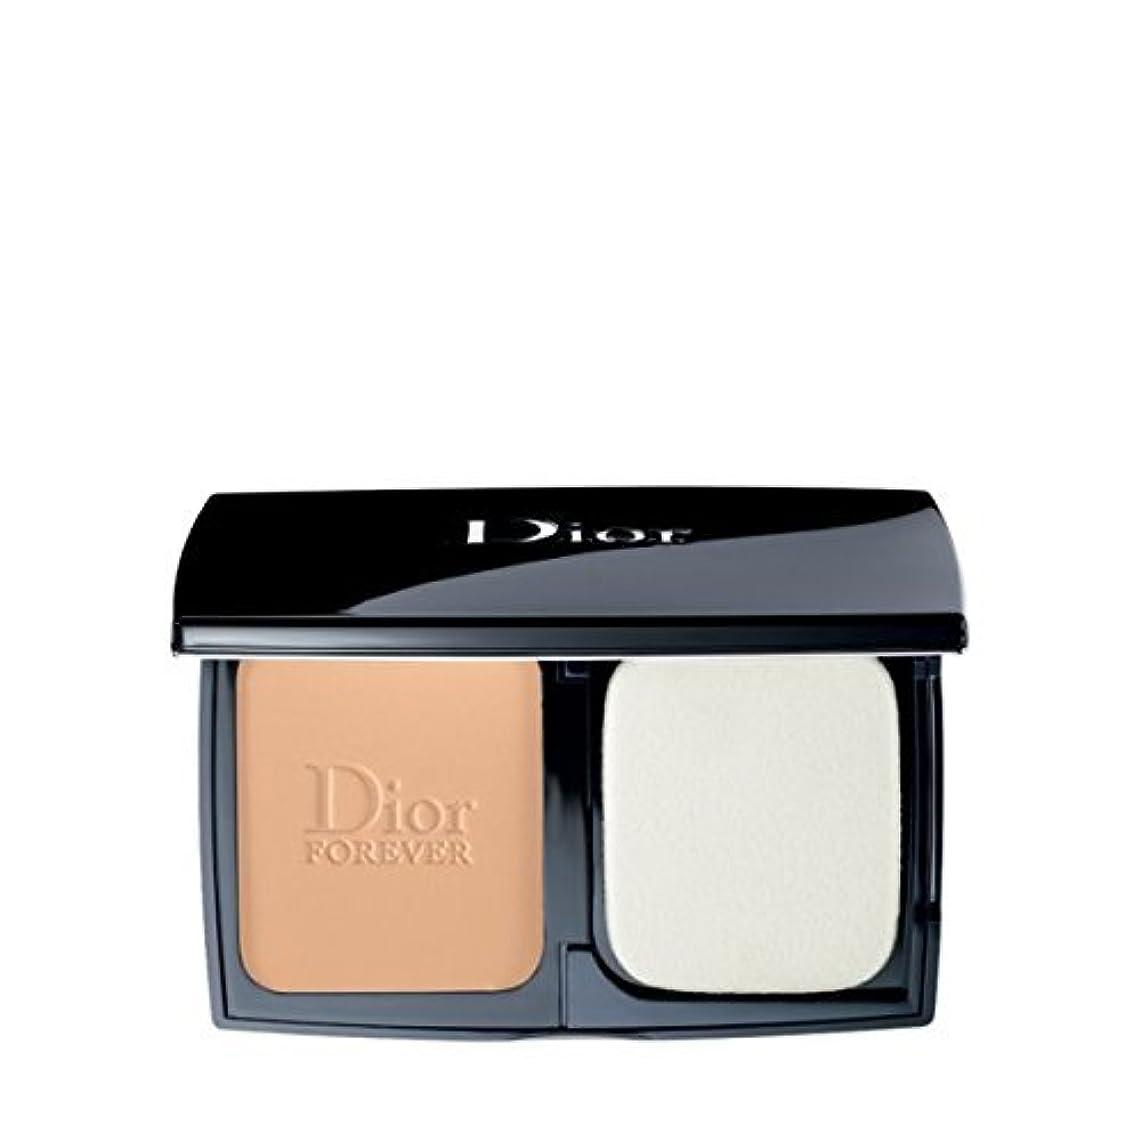 見える実業家追加Dior(ディオール) ディオールスキン フォーエヴァー コンパクト エクストレム コントロール (#020:ライト ベージュ)